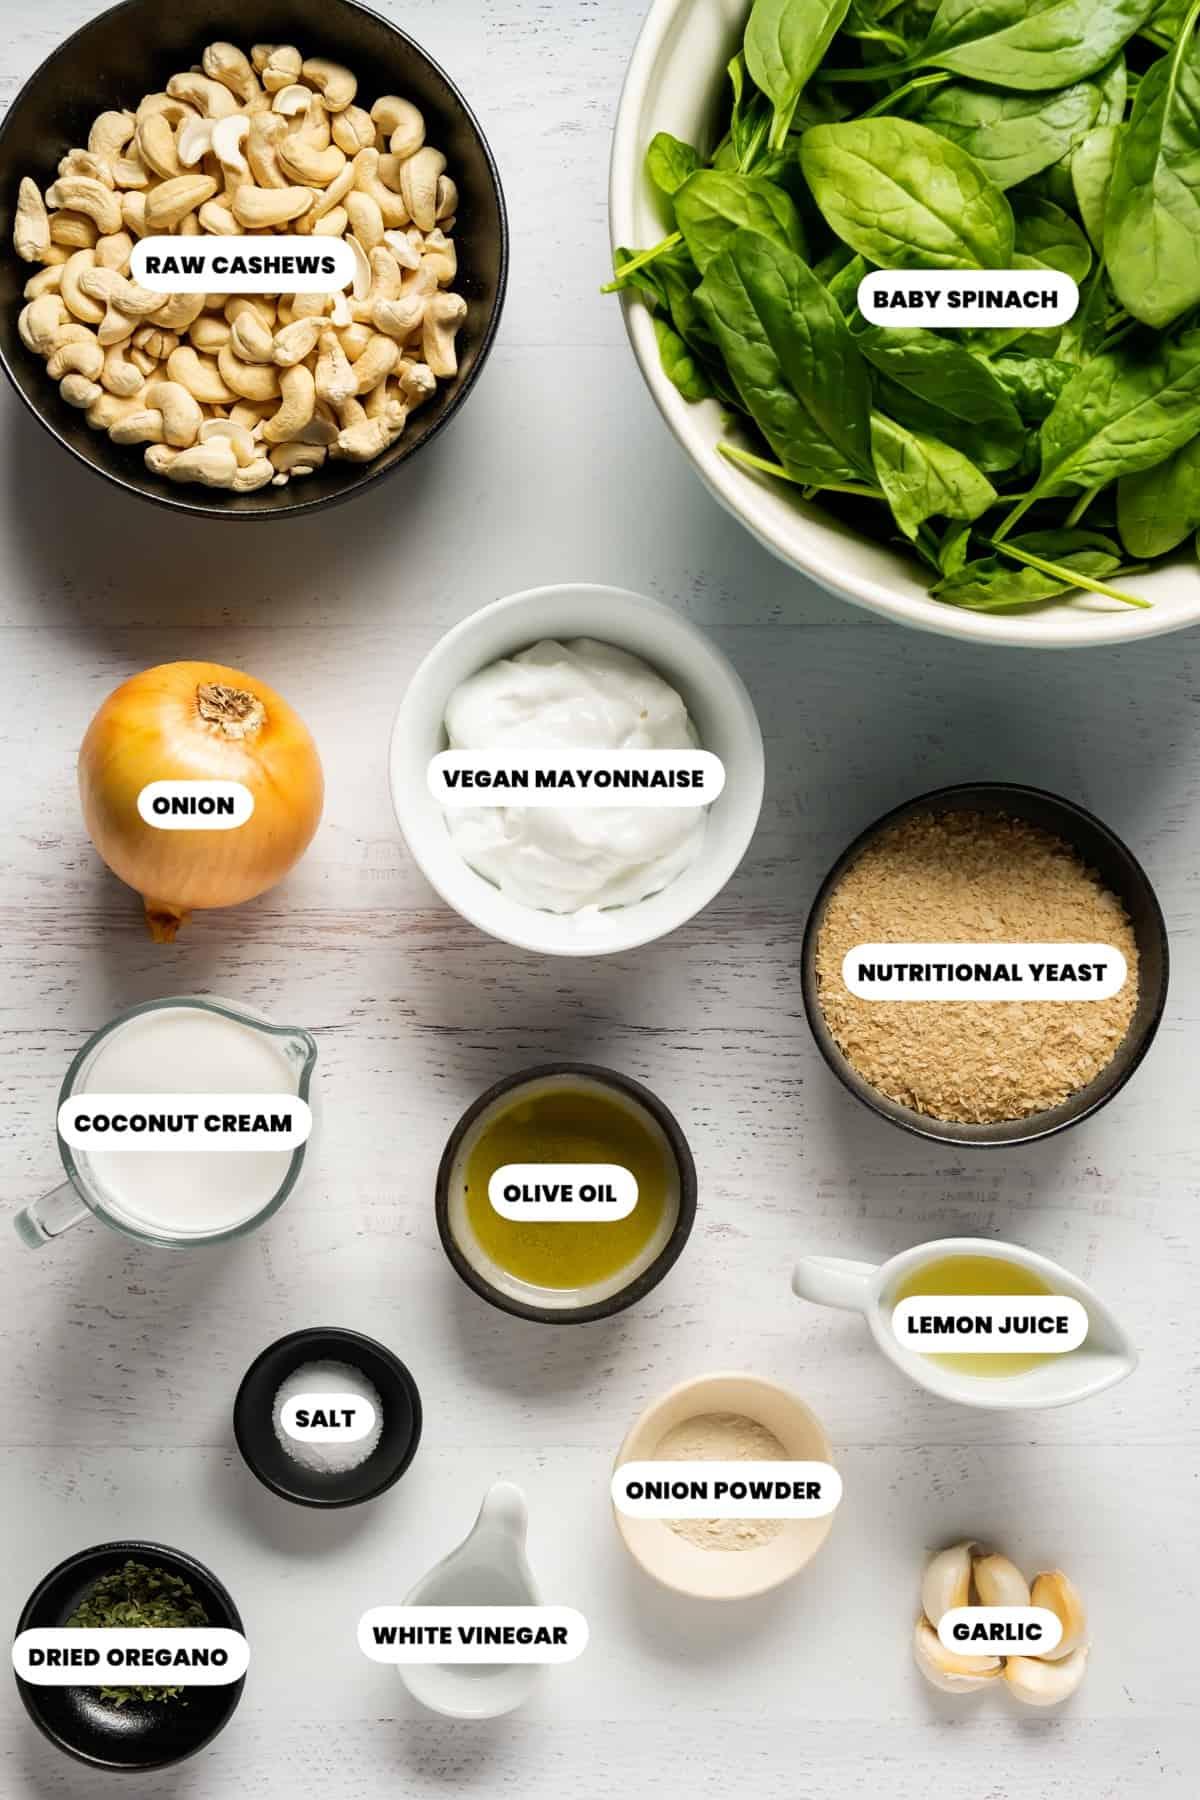 Ingredients to make vegan spinach dip